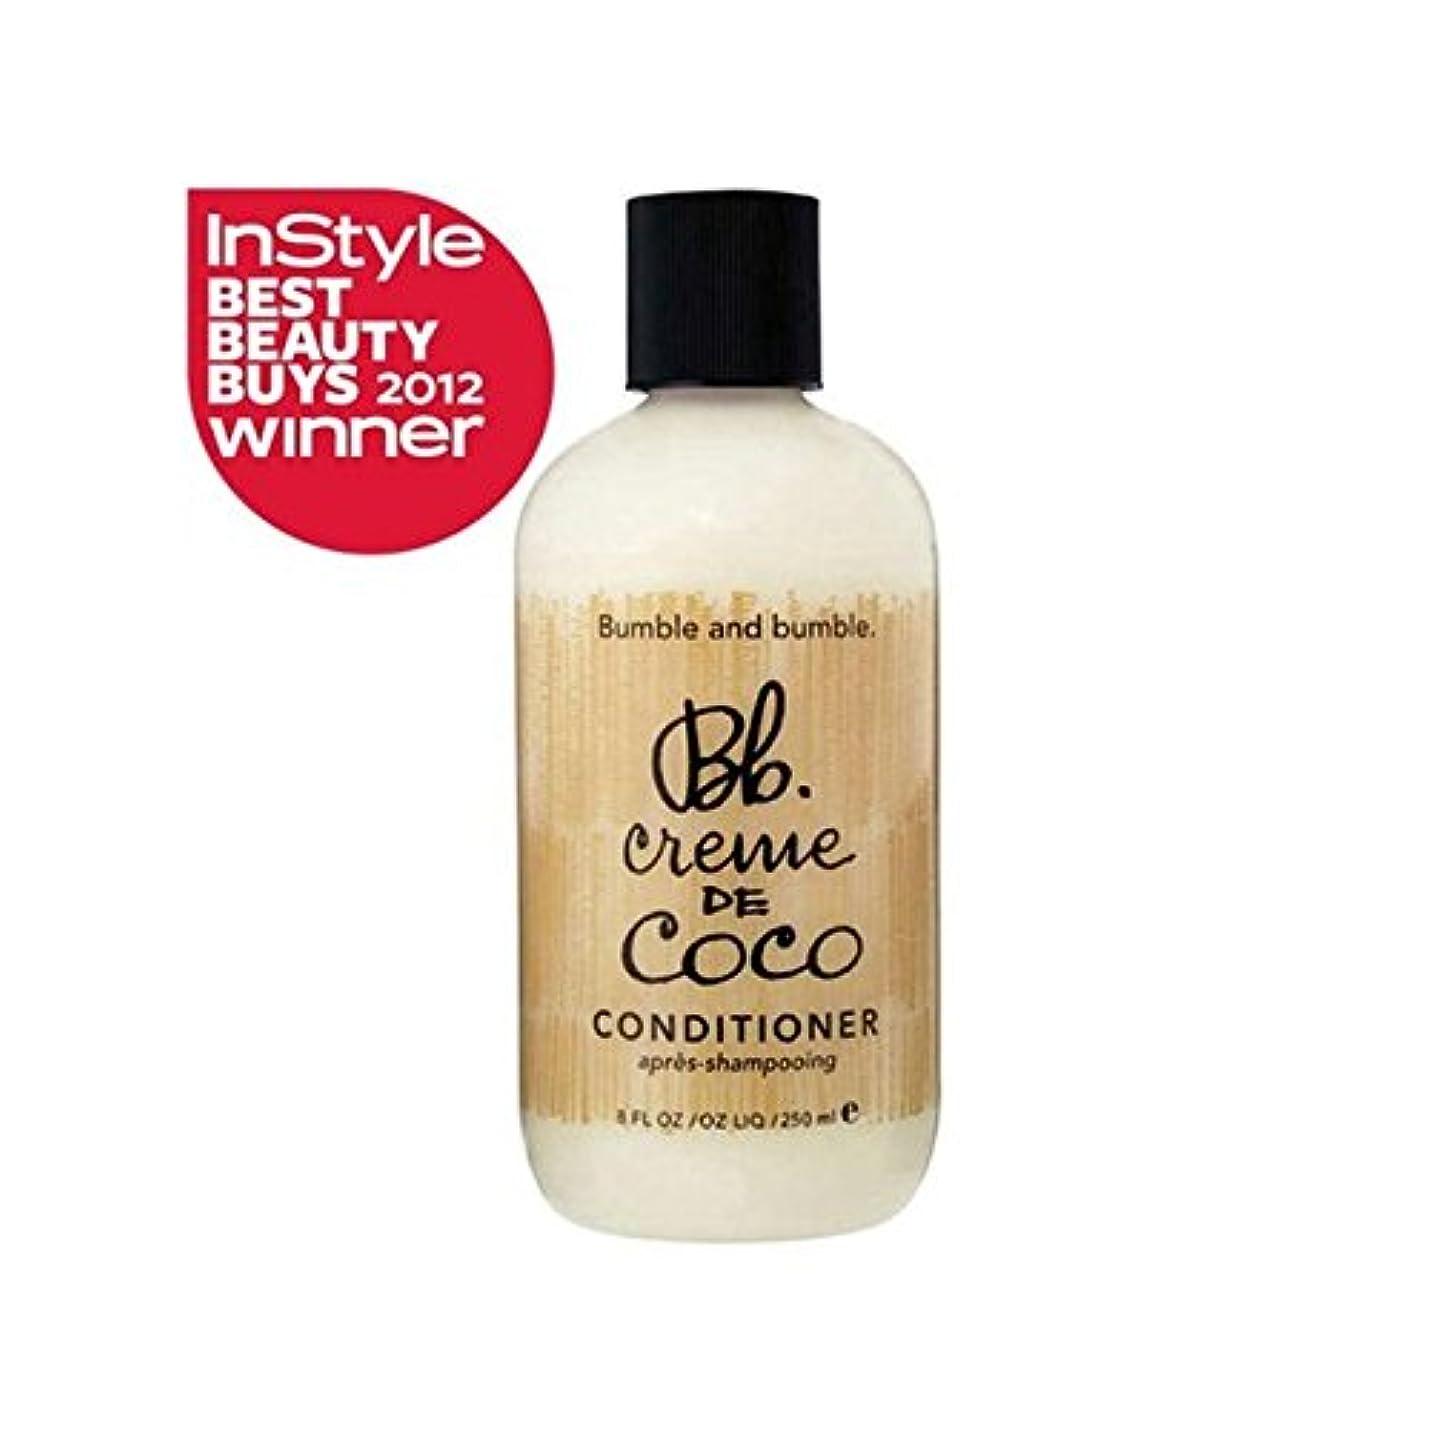 気晴らし利用可能食い違いBb Creme De Coco Conditioner (250ml) (Pack of 6) - クリームデコココンディショナー(250ミリリットル) x6 [並行輸入品]